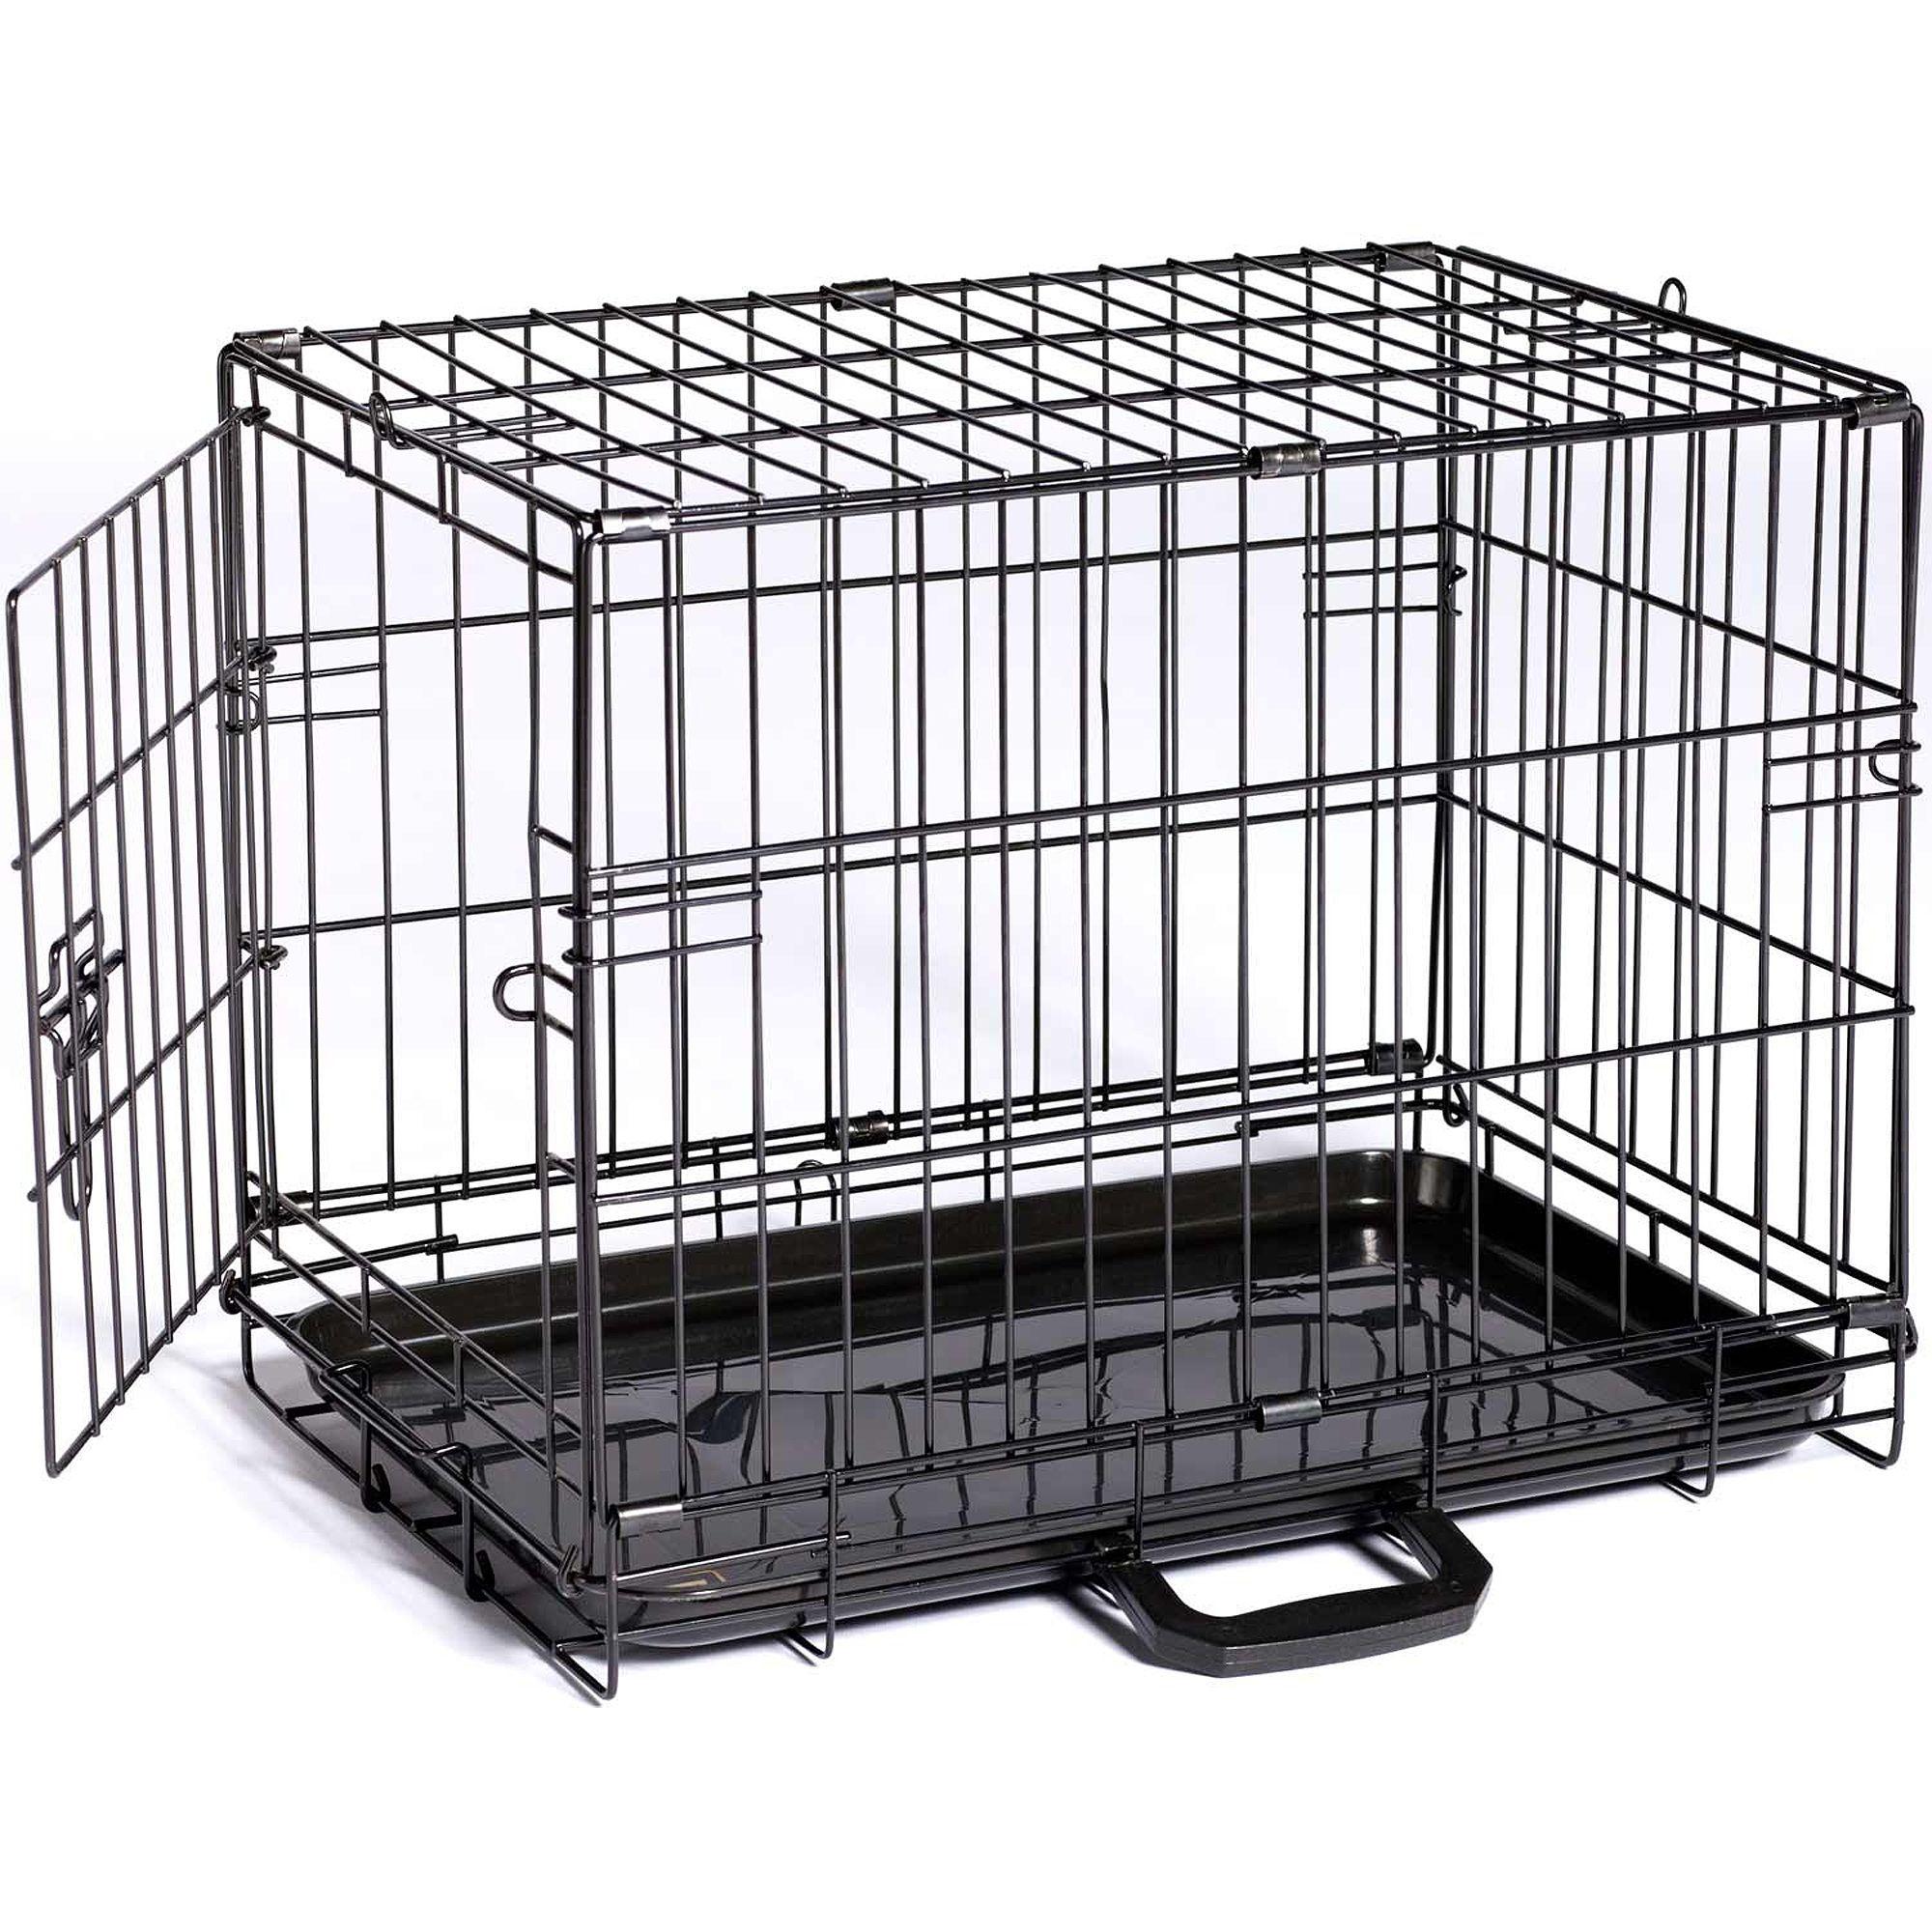 46 Cat Cages At Walmart En 2020